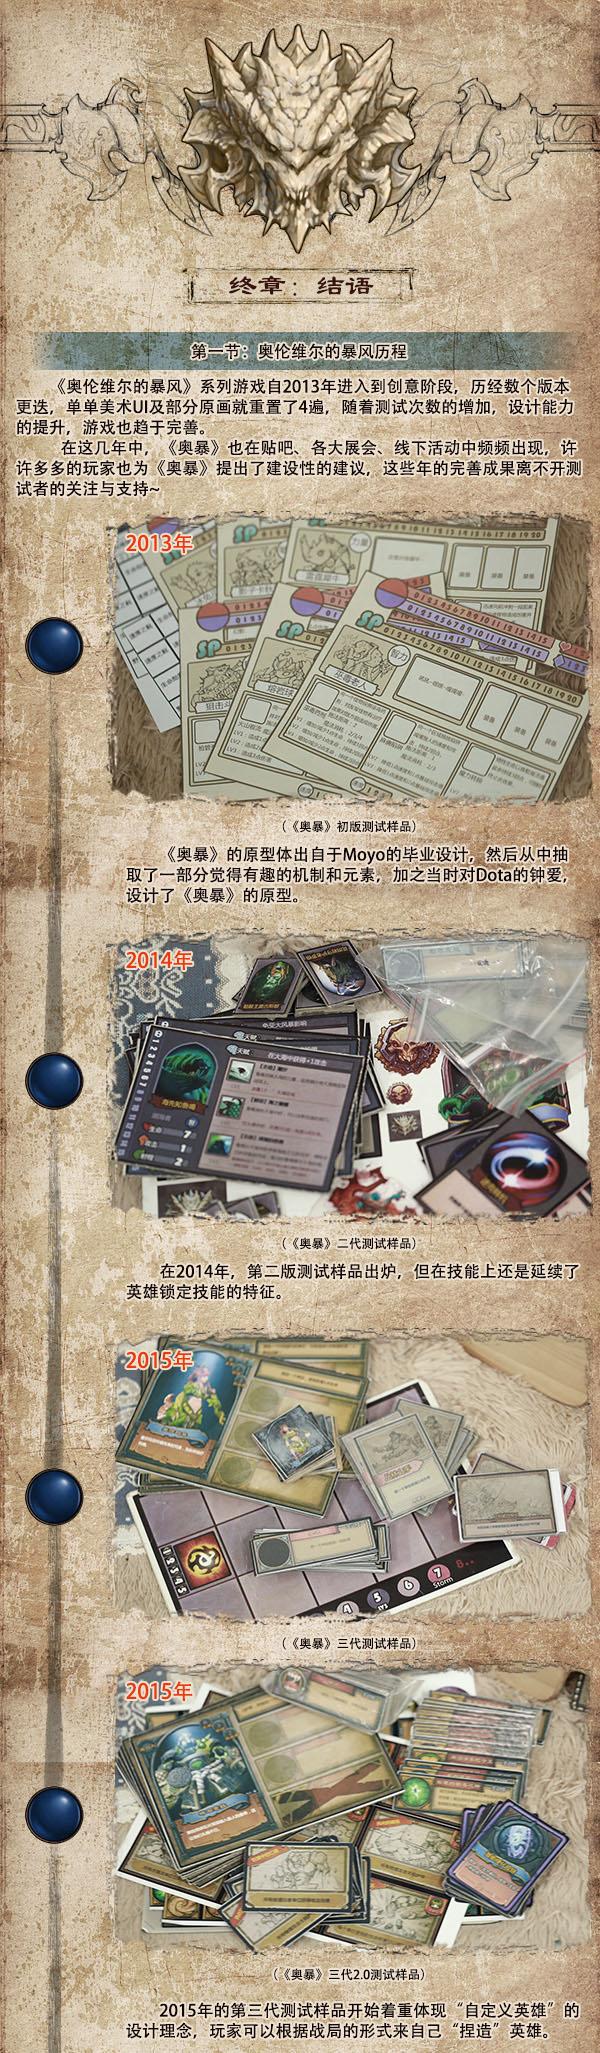 宣传页6-1.jpg